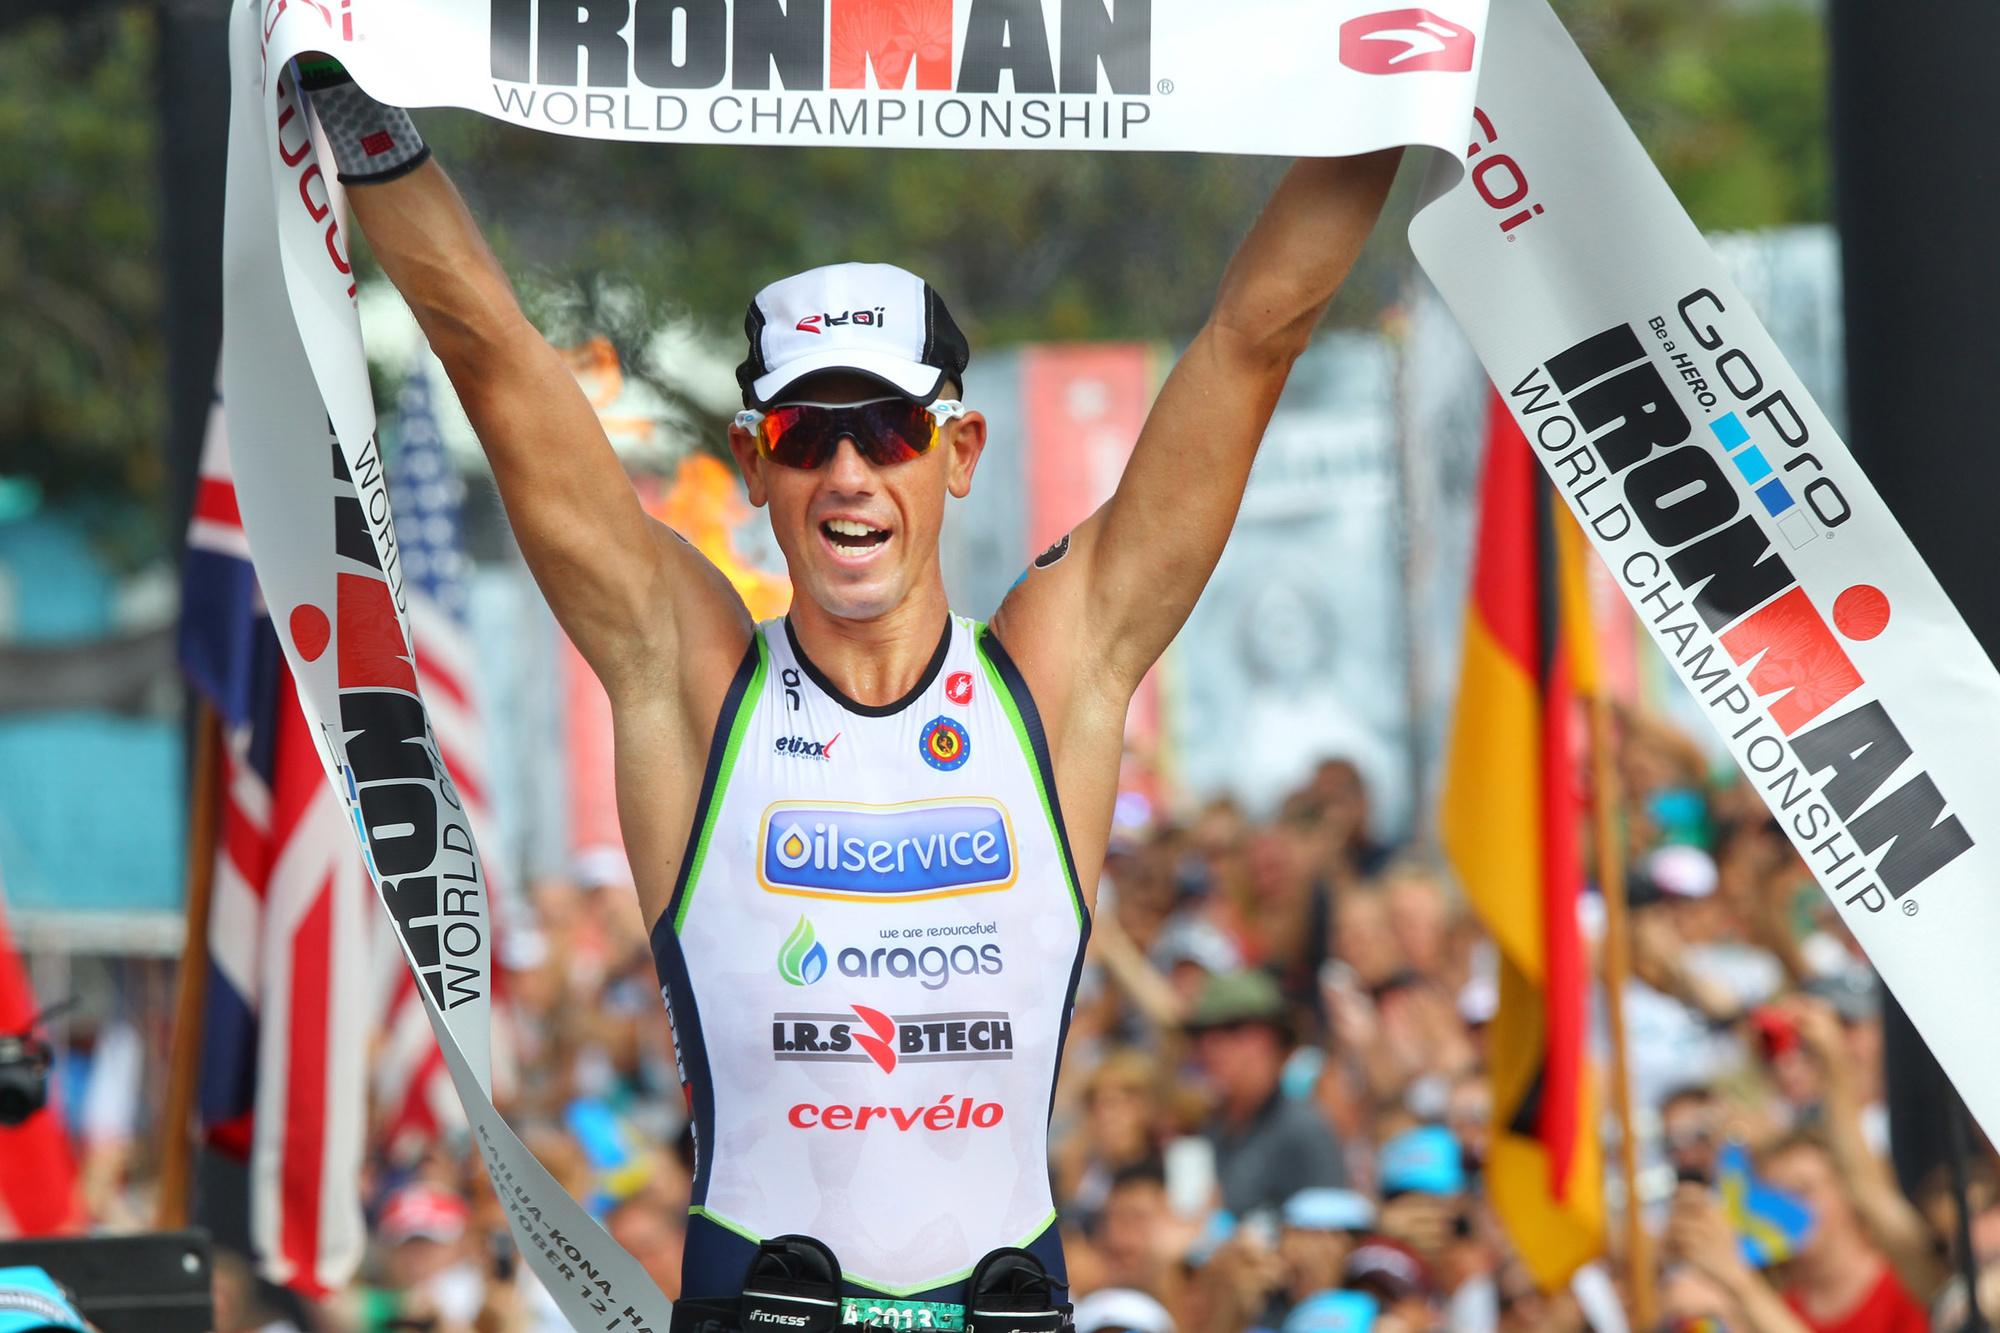 Frederik Van Lierde wint de Iron Man van Hawaï, Belga Image